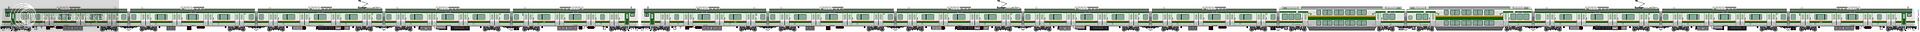 [5560] East Japan Railway 1960